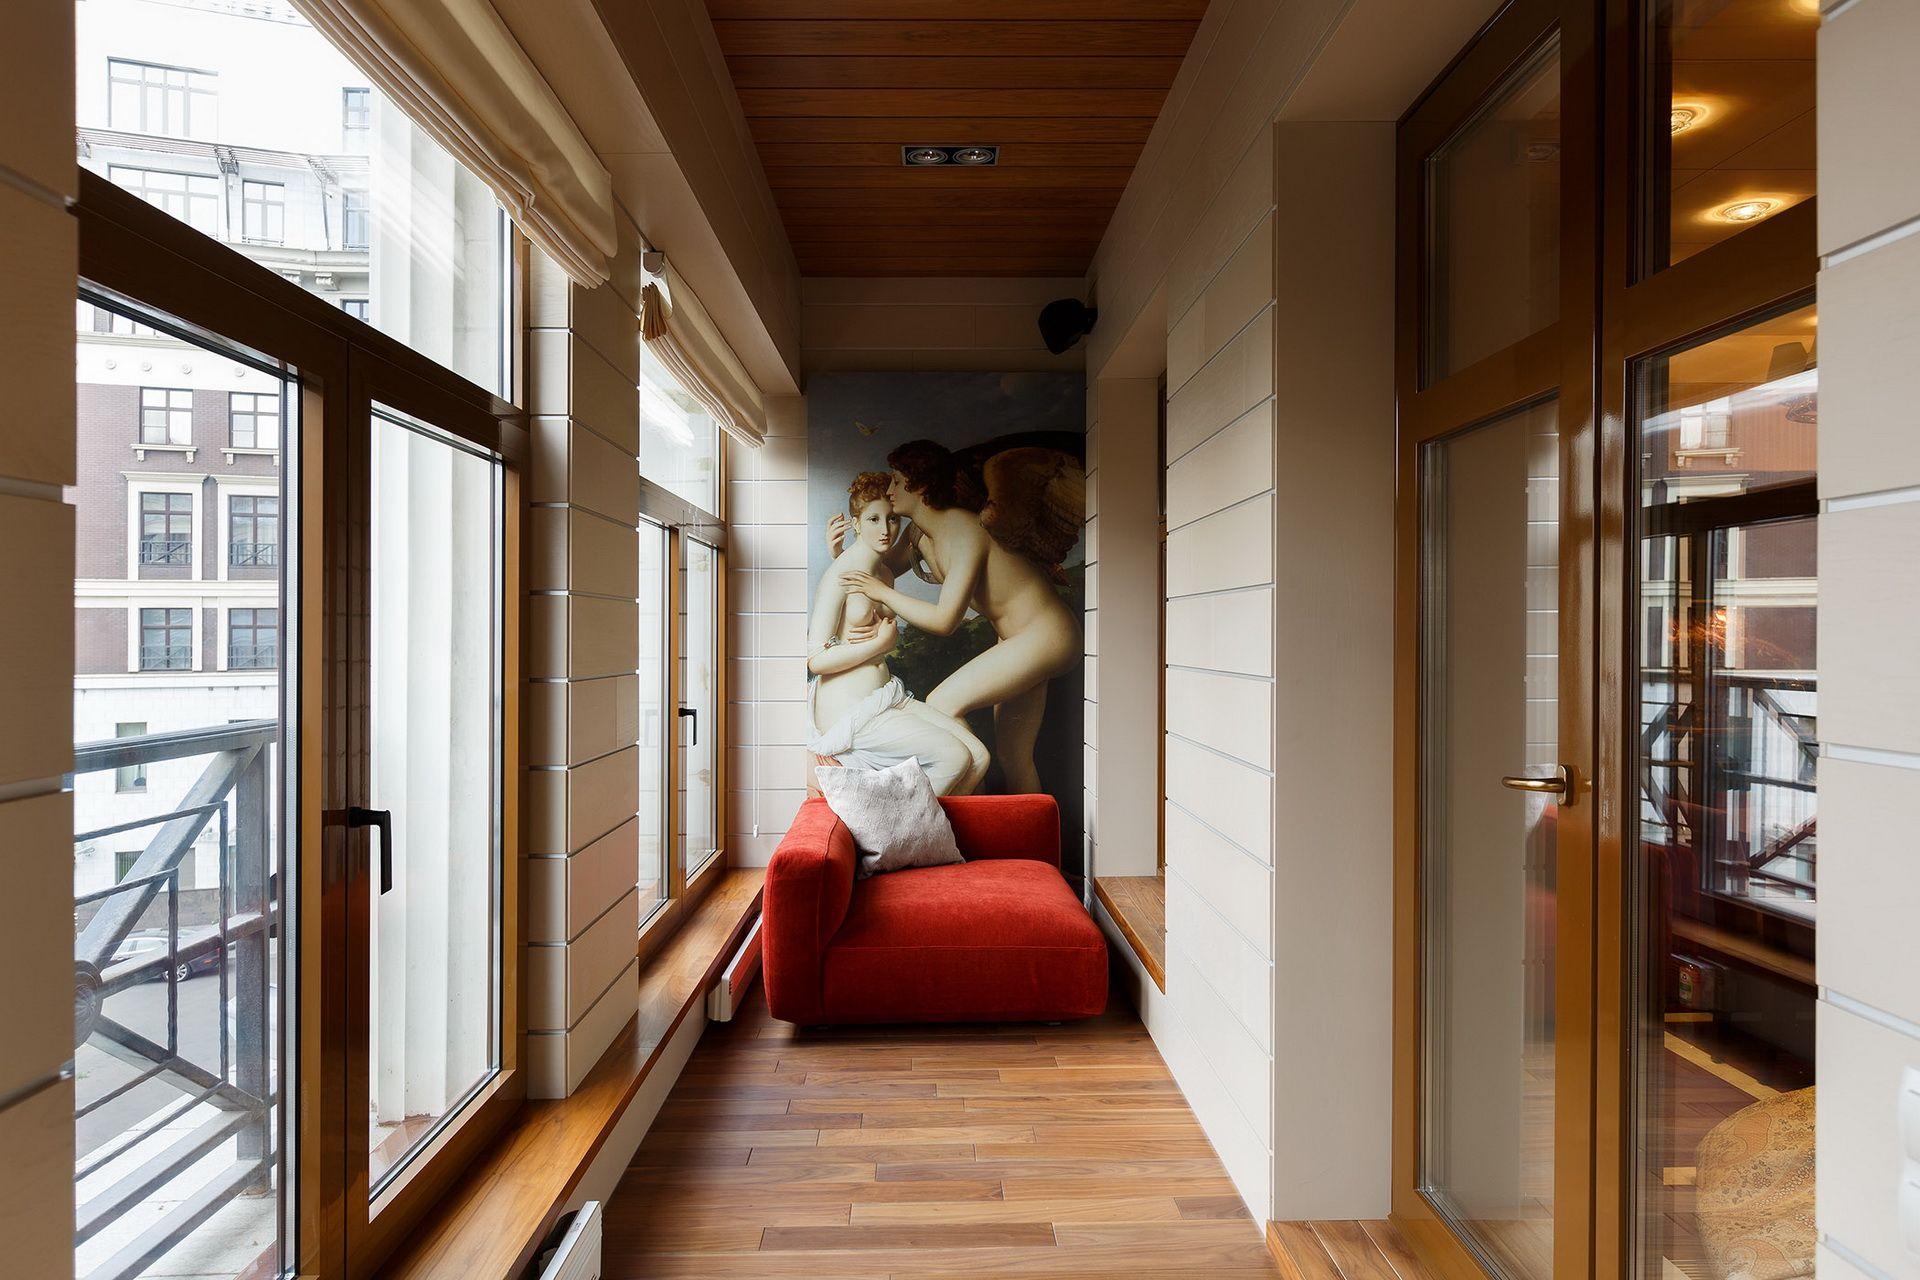 Хотите оформить балкон? мы вам расскажем, как это сделать! б.